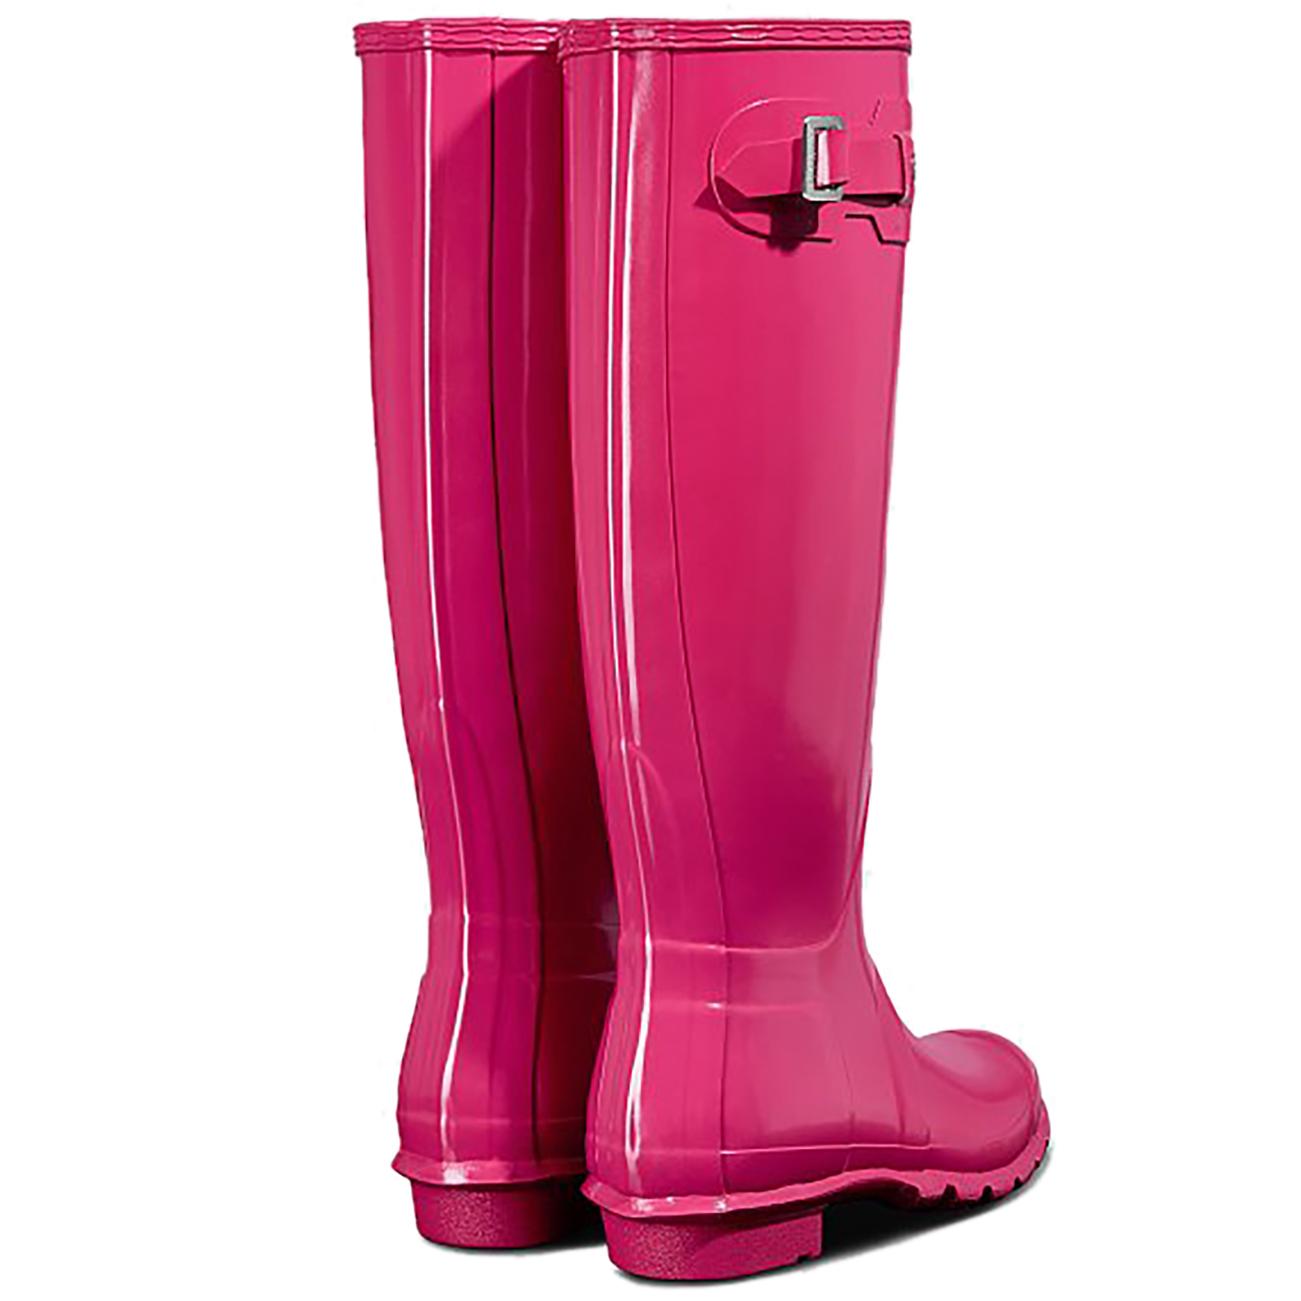 Womens Womens Womens Hunter Original Tall Gloss Rubber Waterproof Rain Wellington Boots UK 3-9 4a54d1